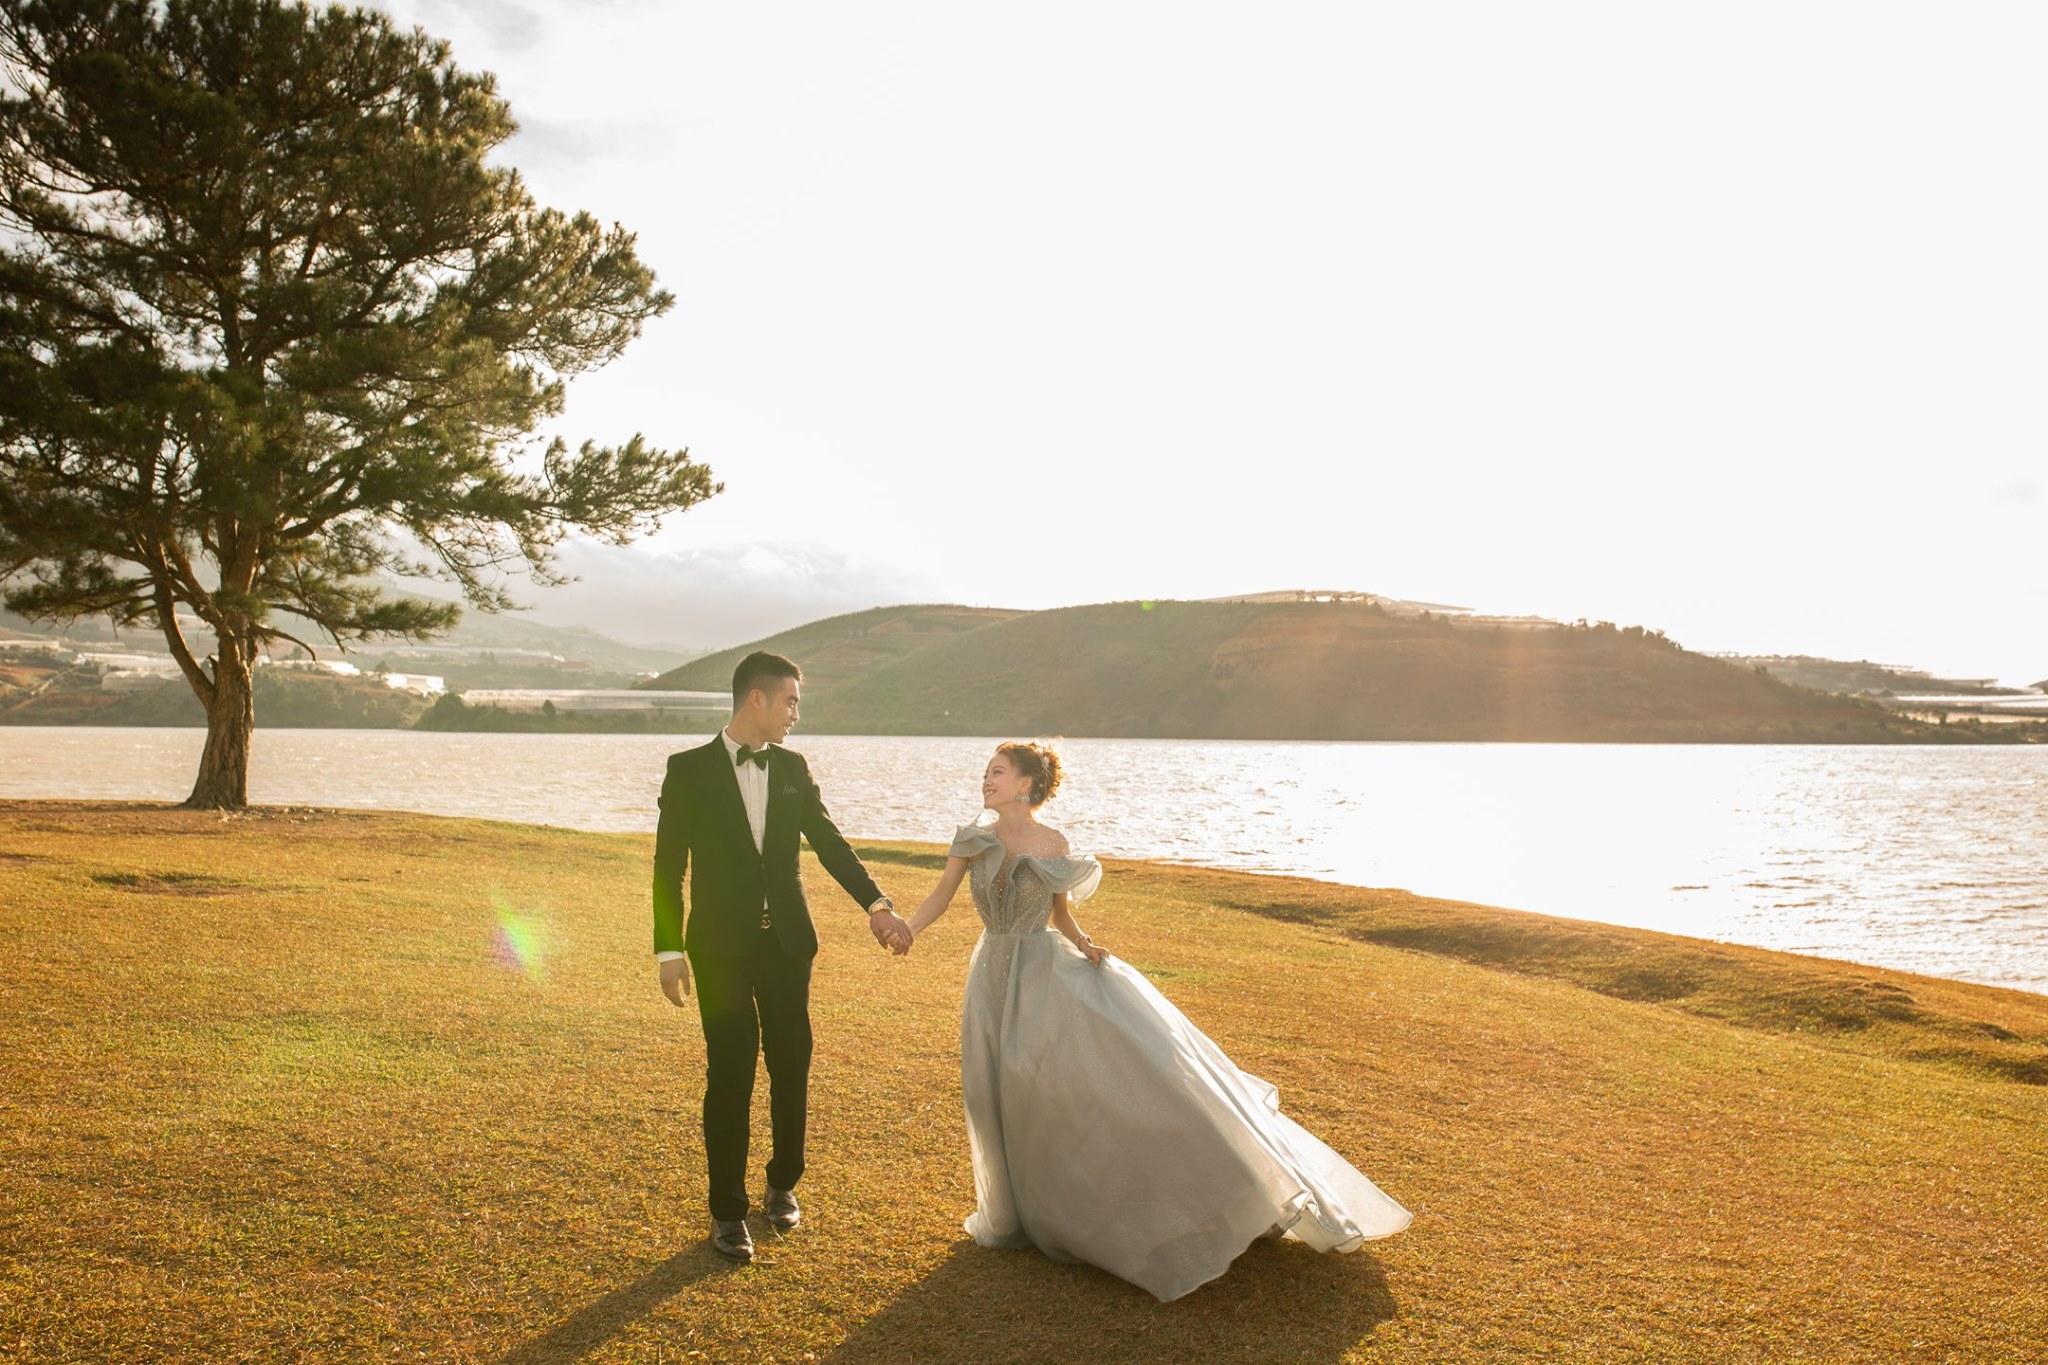 Xếp hạng 10 Studio chụp ảnh cưới đẹp nhất Đà Lạt - Studio Bảo Anh